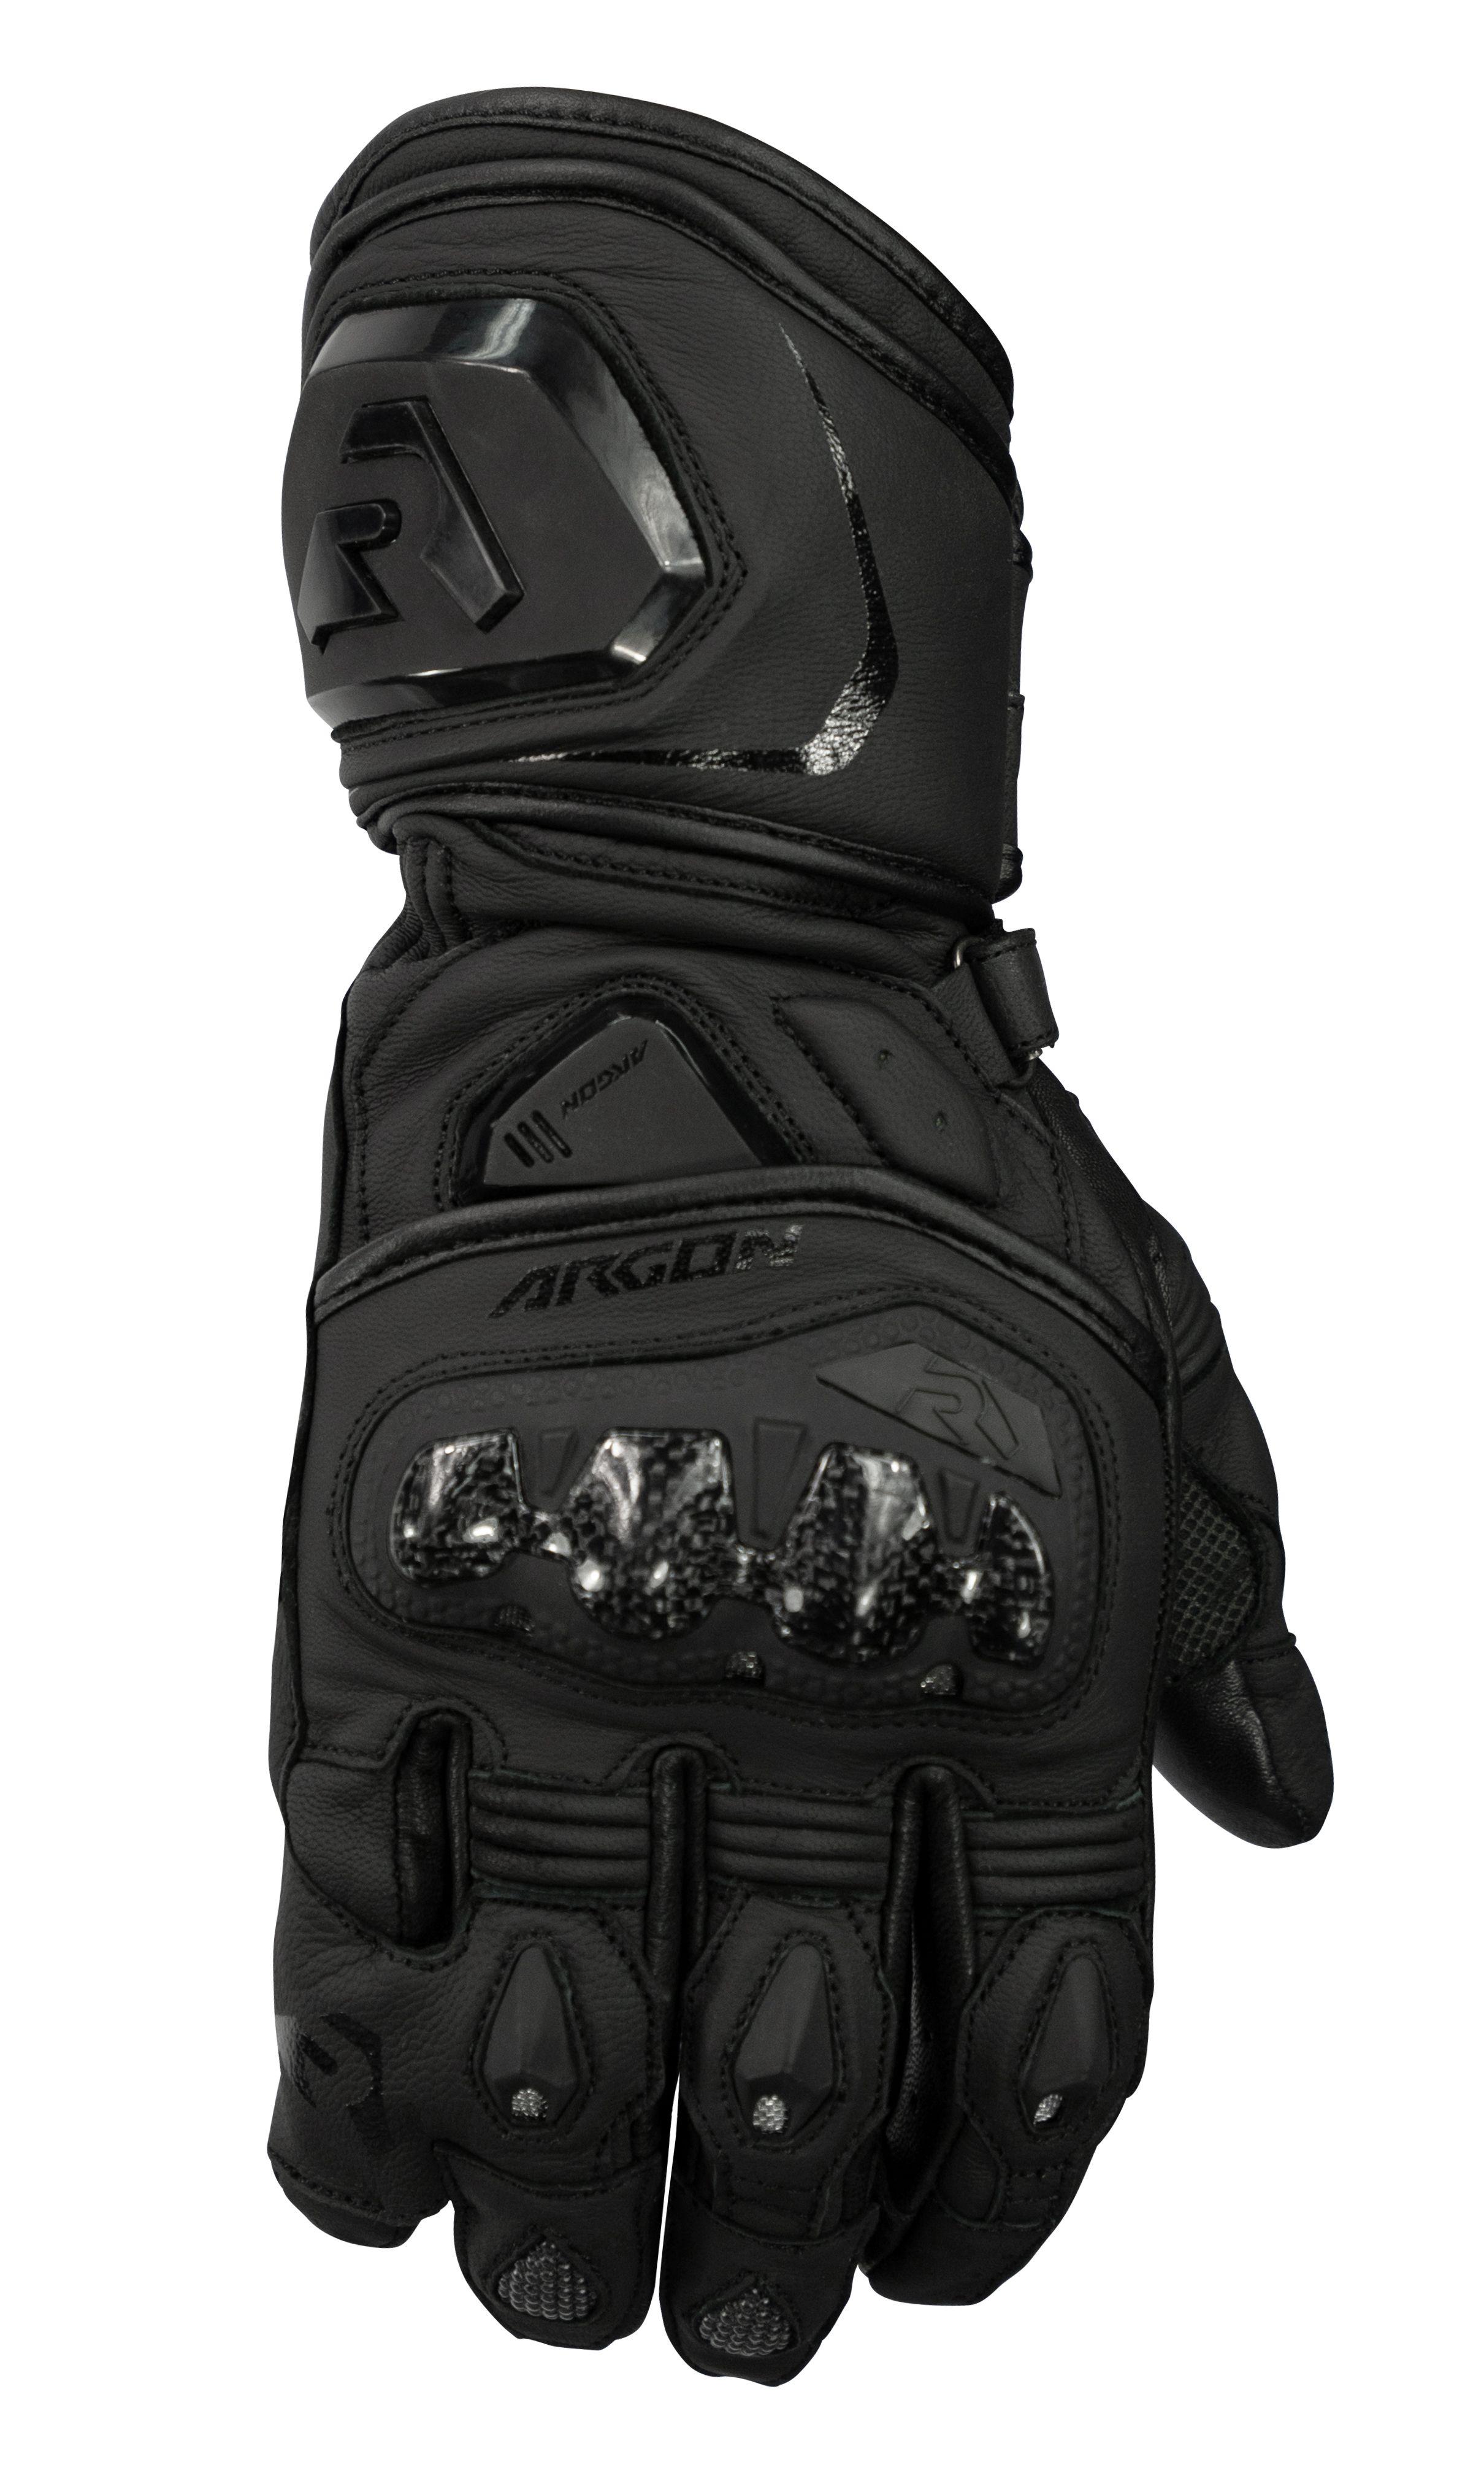 Argon Mission Stealth Gloves